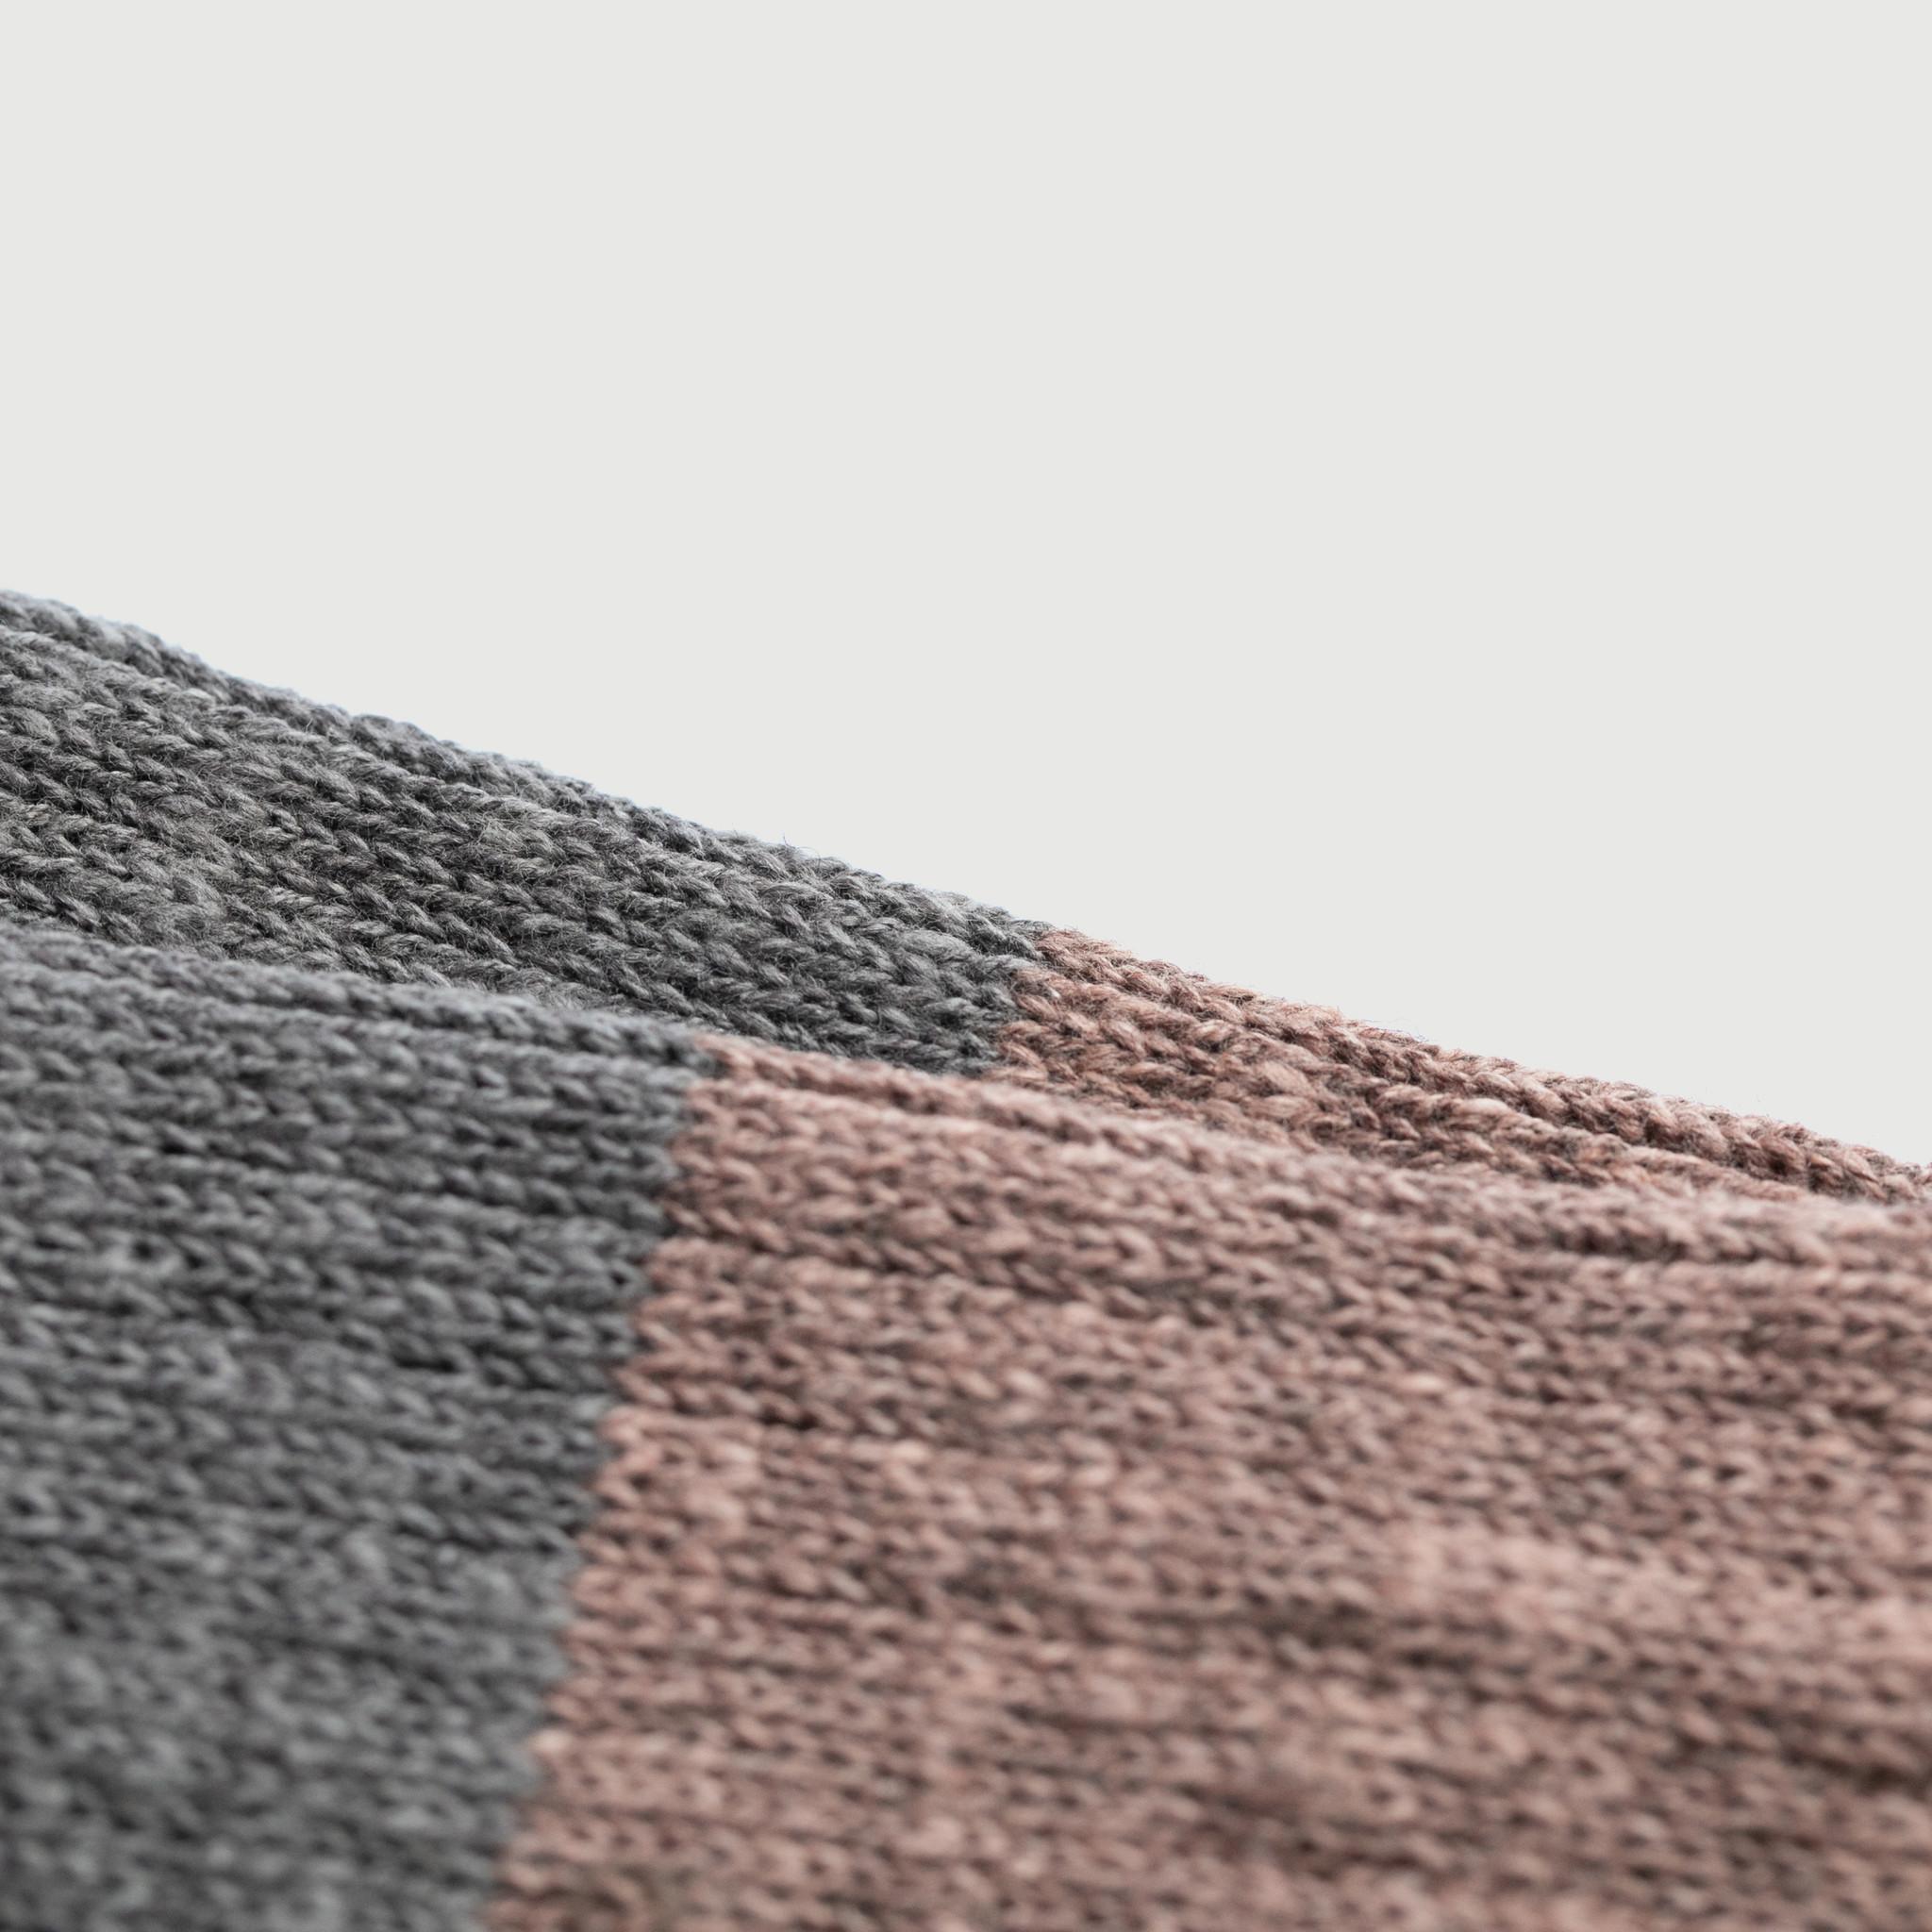 Nishiguchi Kutsushita - Wool Cottons Slub Socks, Boston